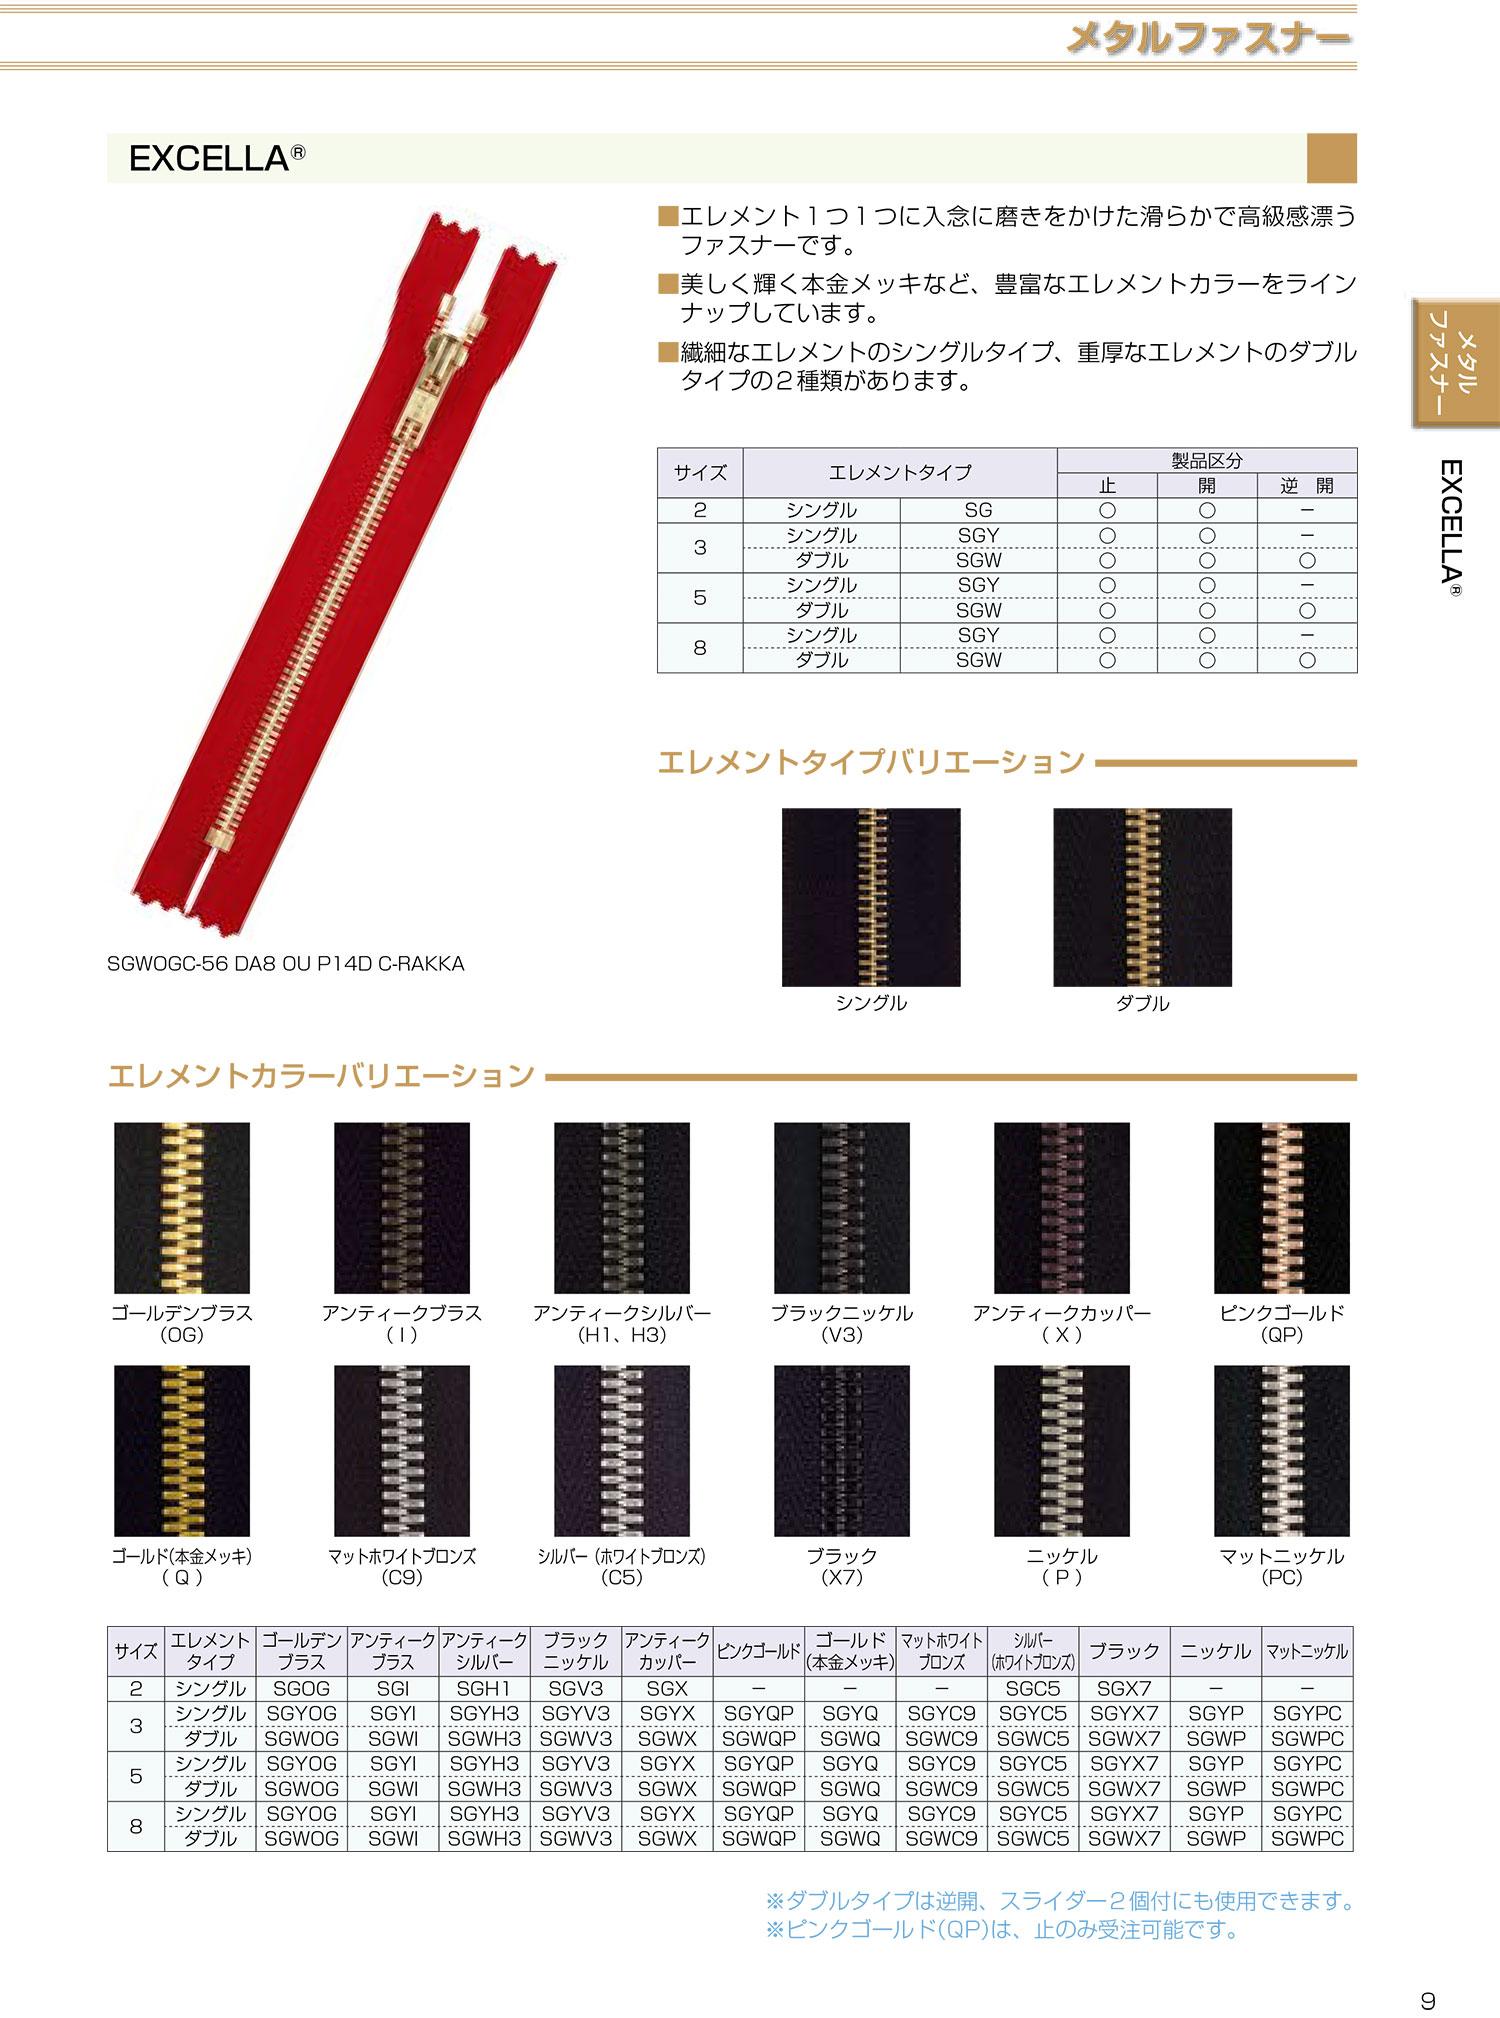 3SGYXC エクセラ 3サイズ アンティークカッパー 止め シングル[ファスナー] YKK/オークラ商事 - ApparelX アパレル資材卸通販